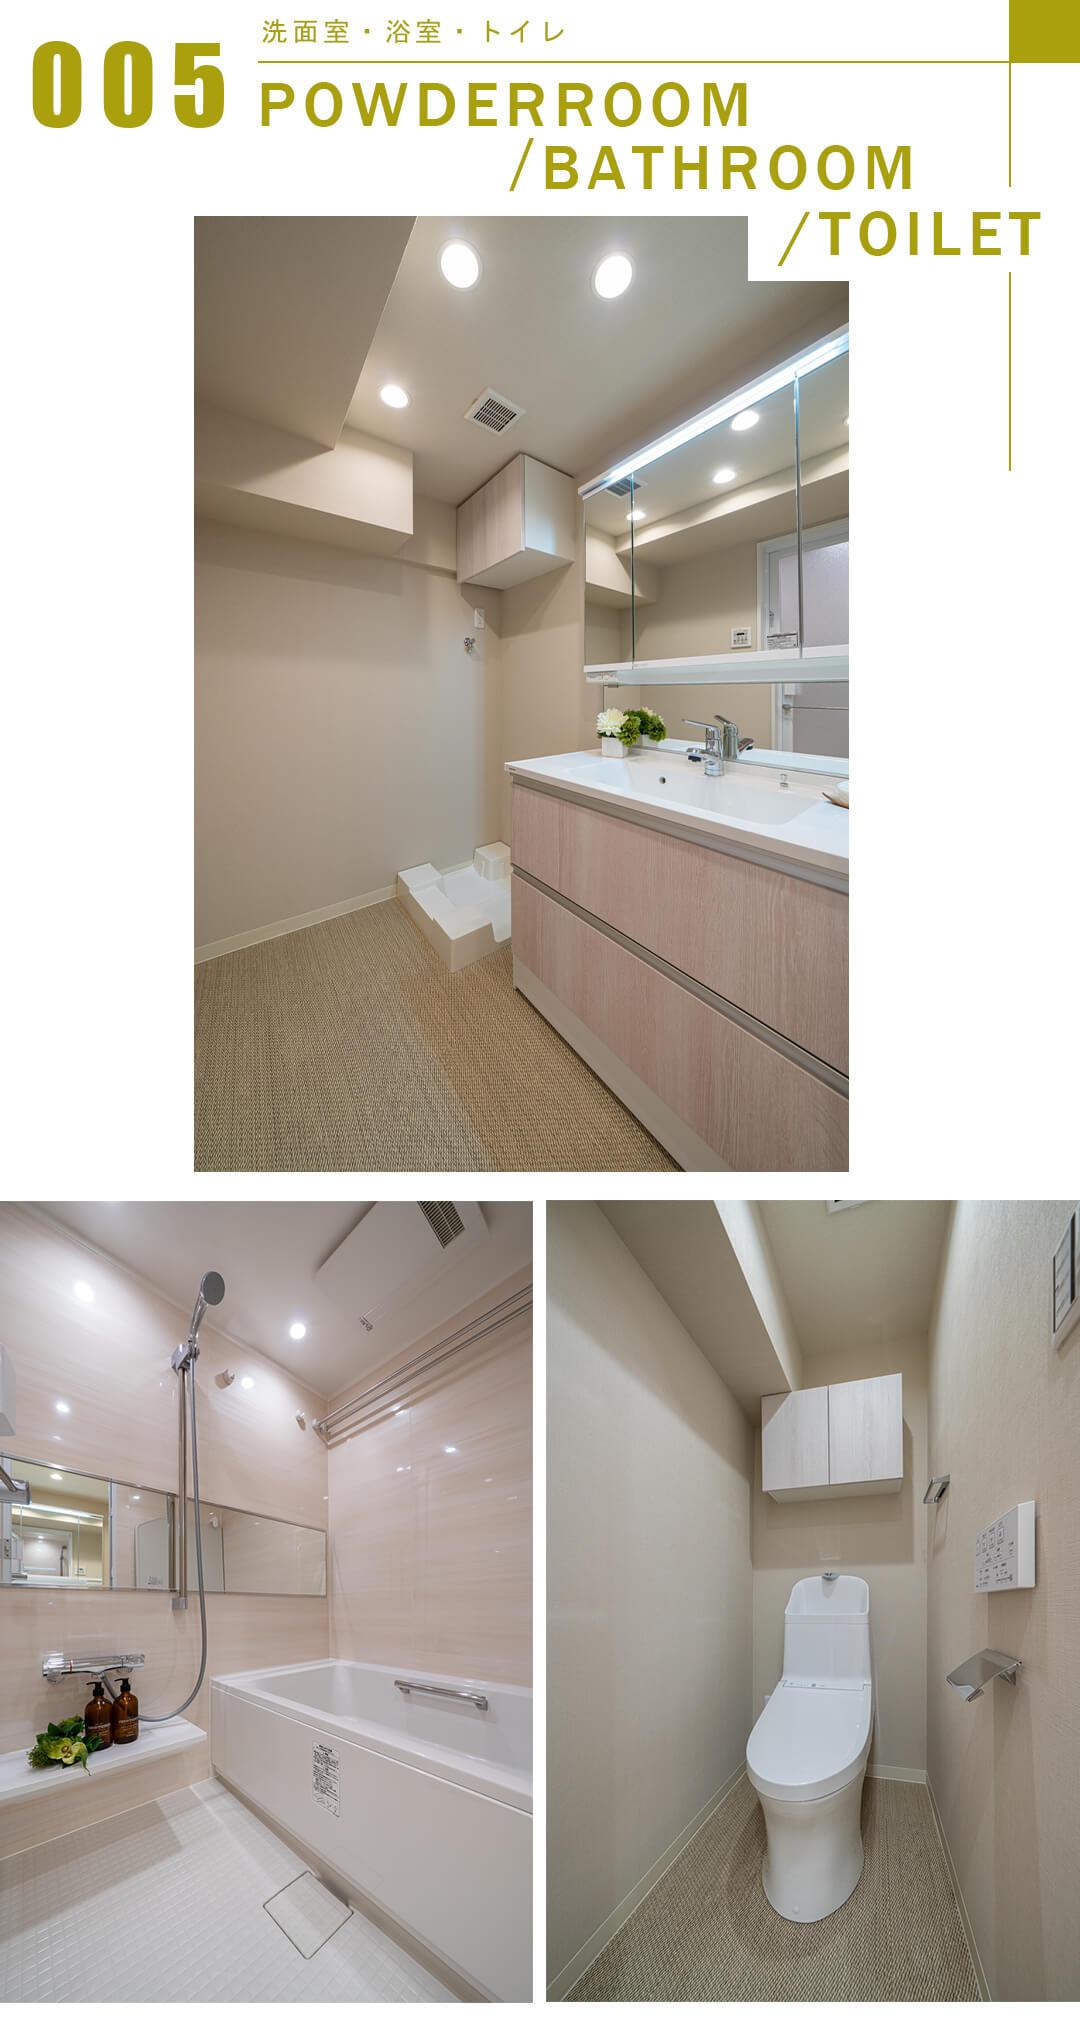 五反田ガーデンハイツの洗面室と浴室とトイレ